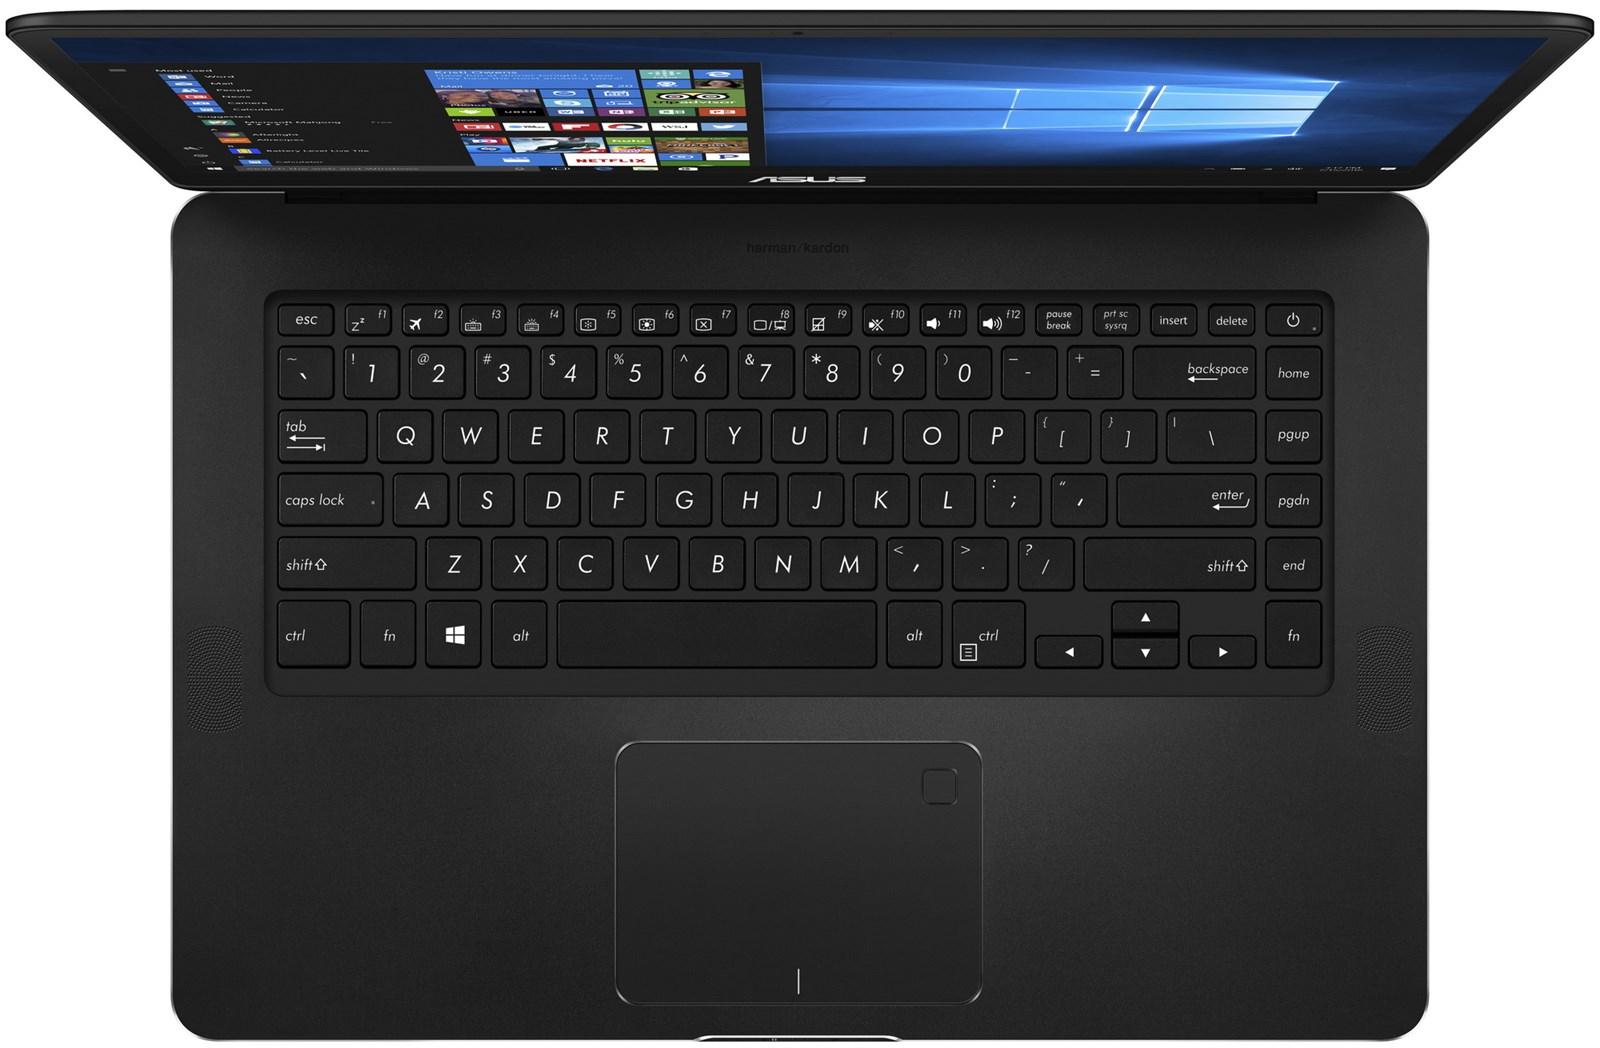 Asus Zenbook Pro Ux550ve Db71t 156 Full Hd Touchscreen Laptop W Frame Keybord X 455 Casing Gtx 1050ti 4gb Matte Black Kabylake